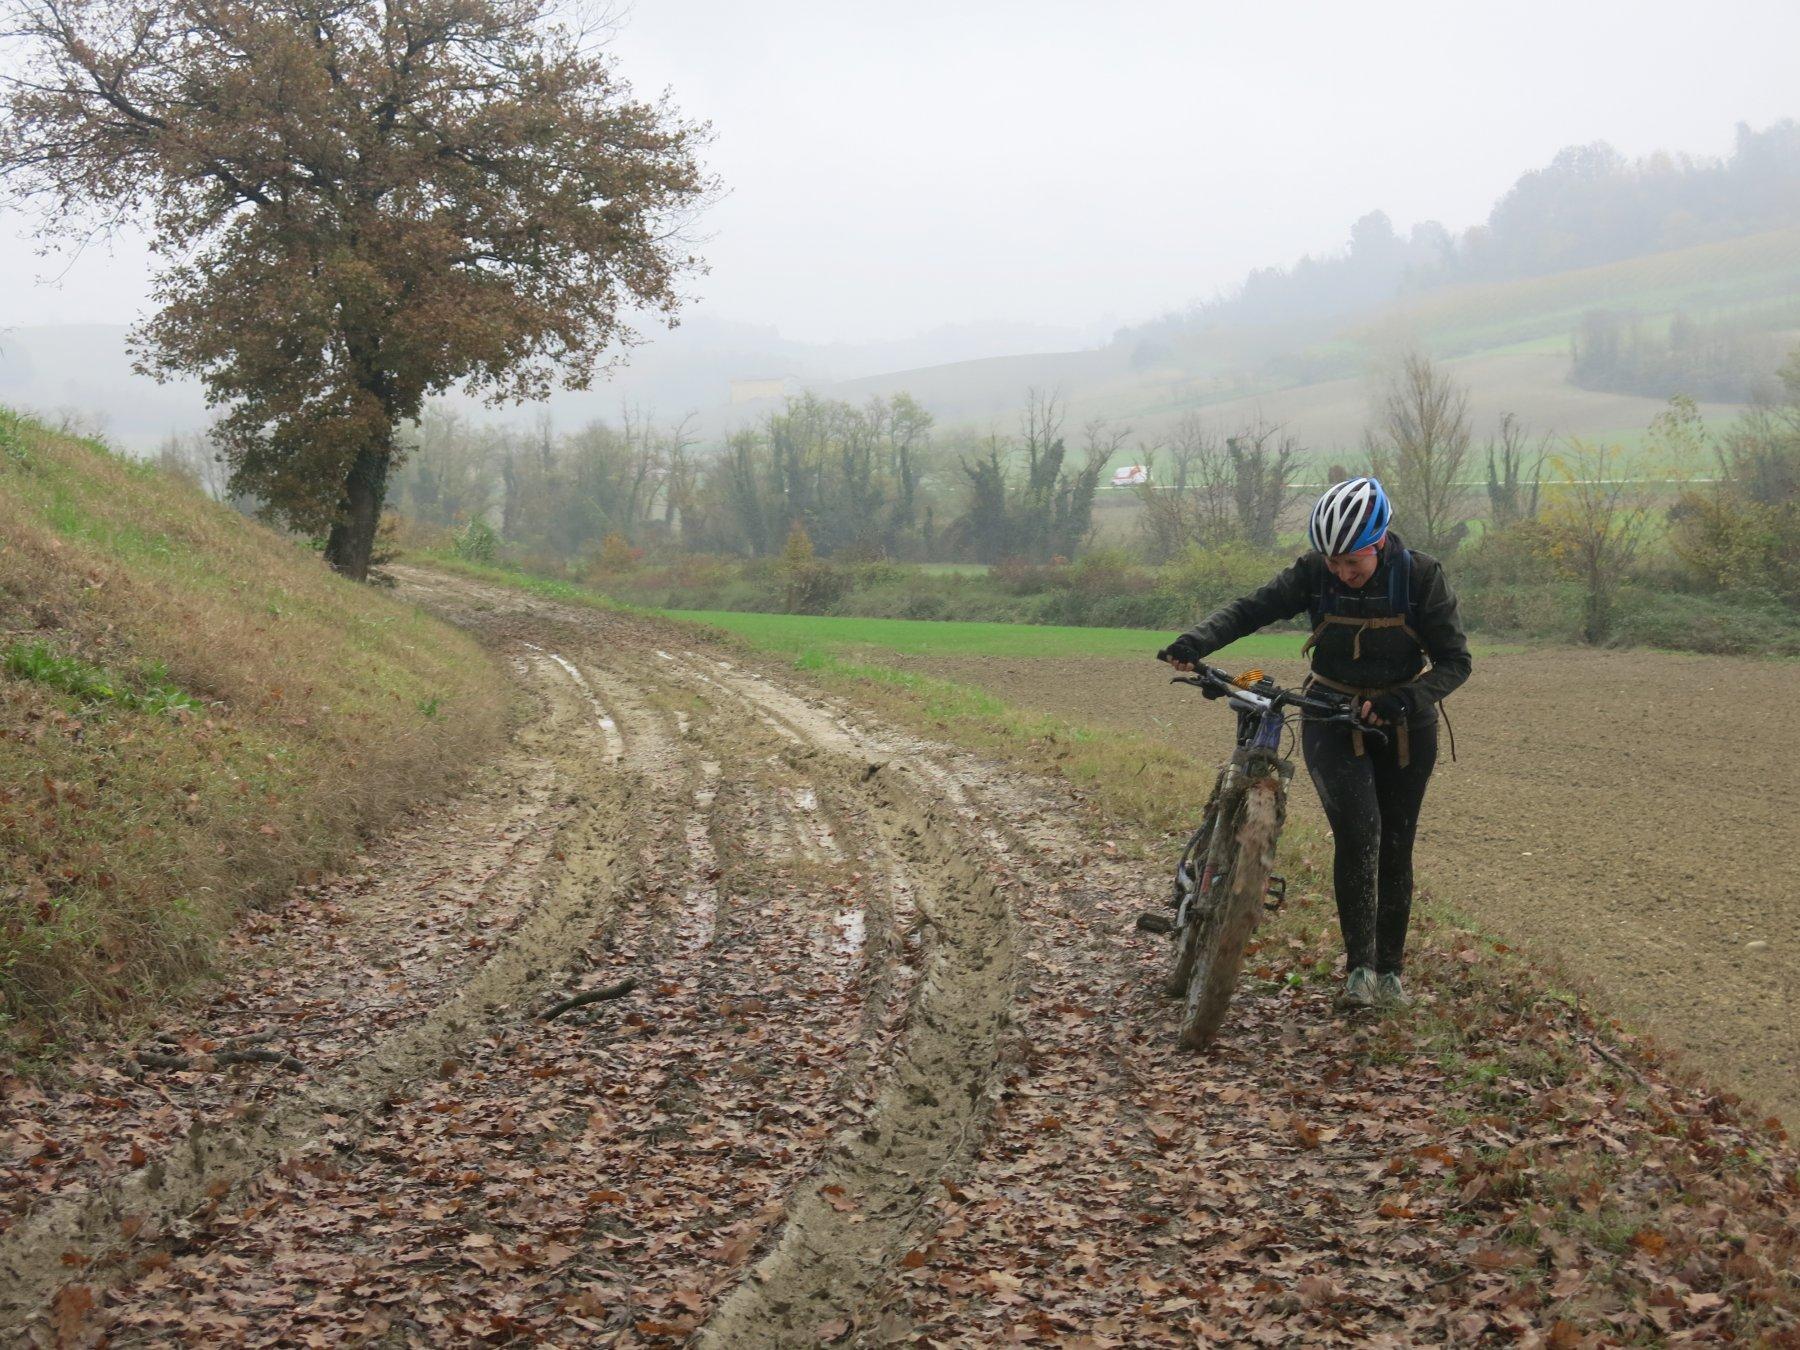 Nella seconda metà dell'itinerario il fango ci ha creato qualche problema... Non grave, comunque, e solo per brevi tratti.